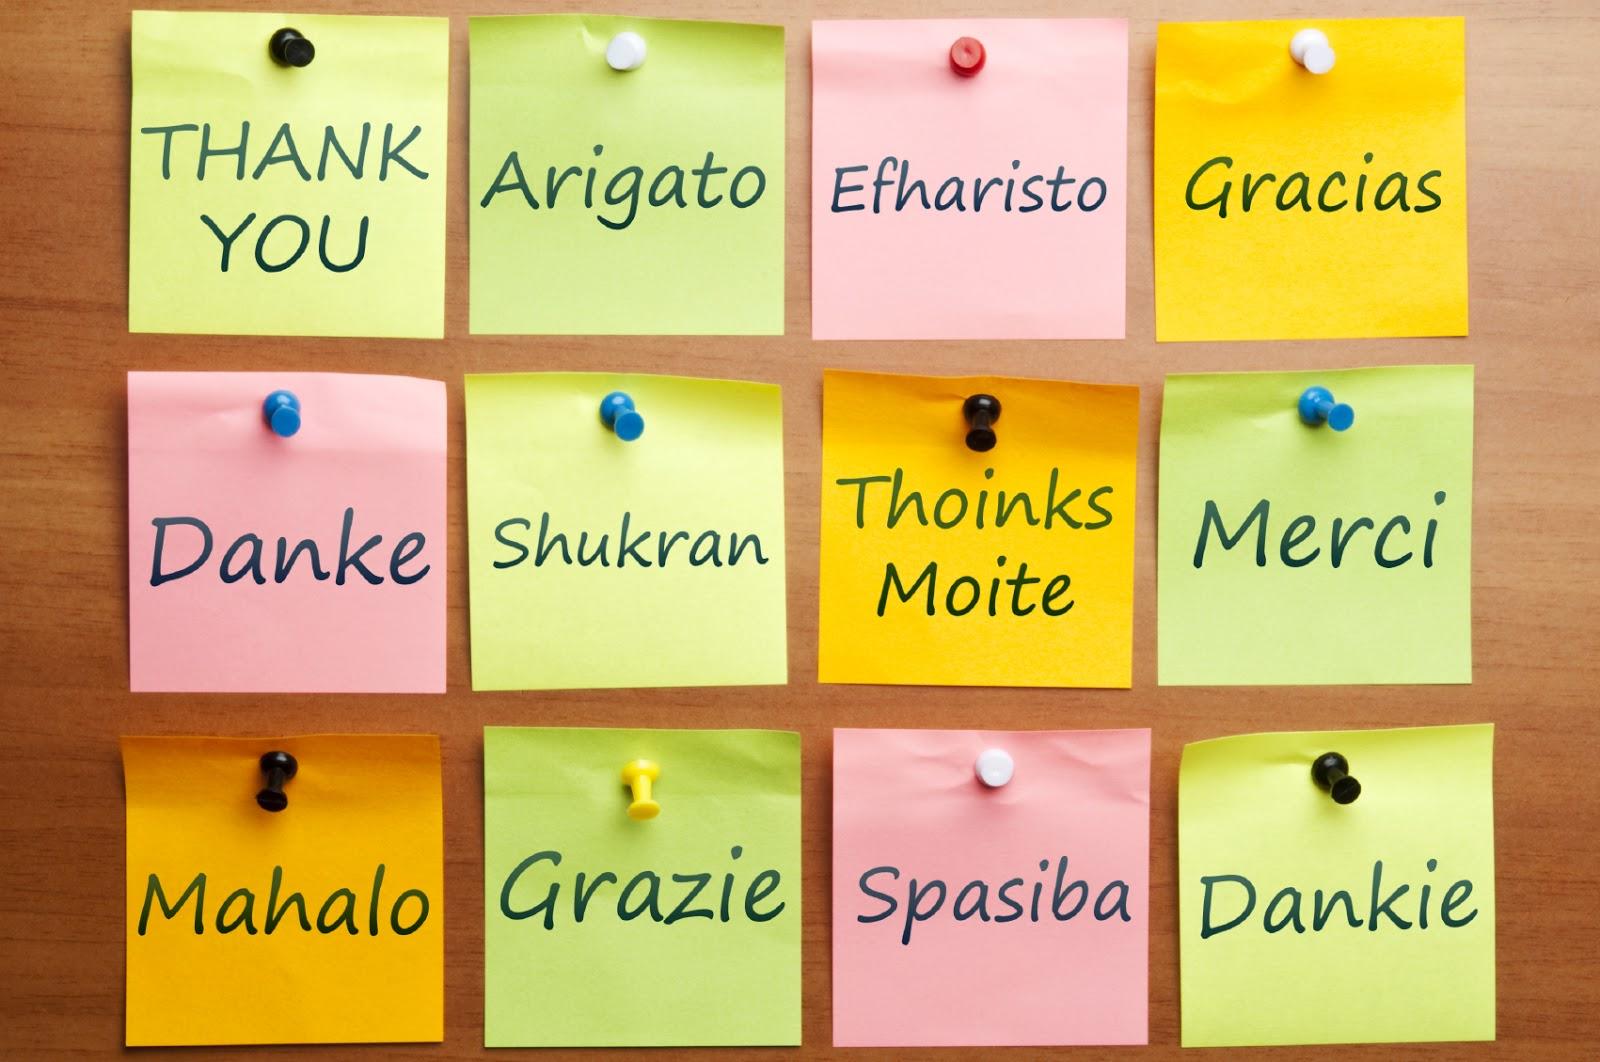 Lista de agradecimiento